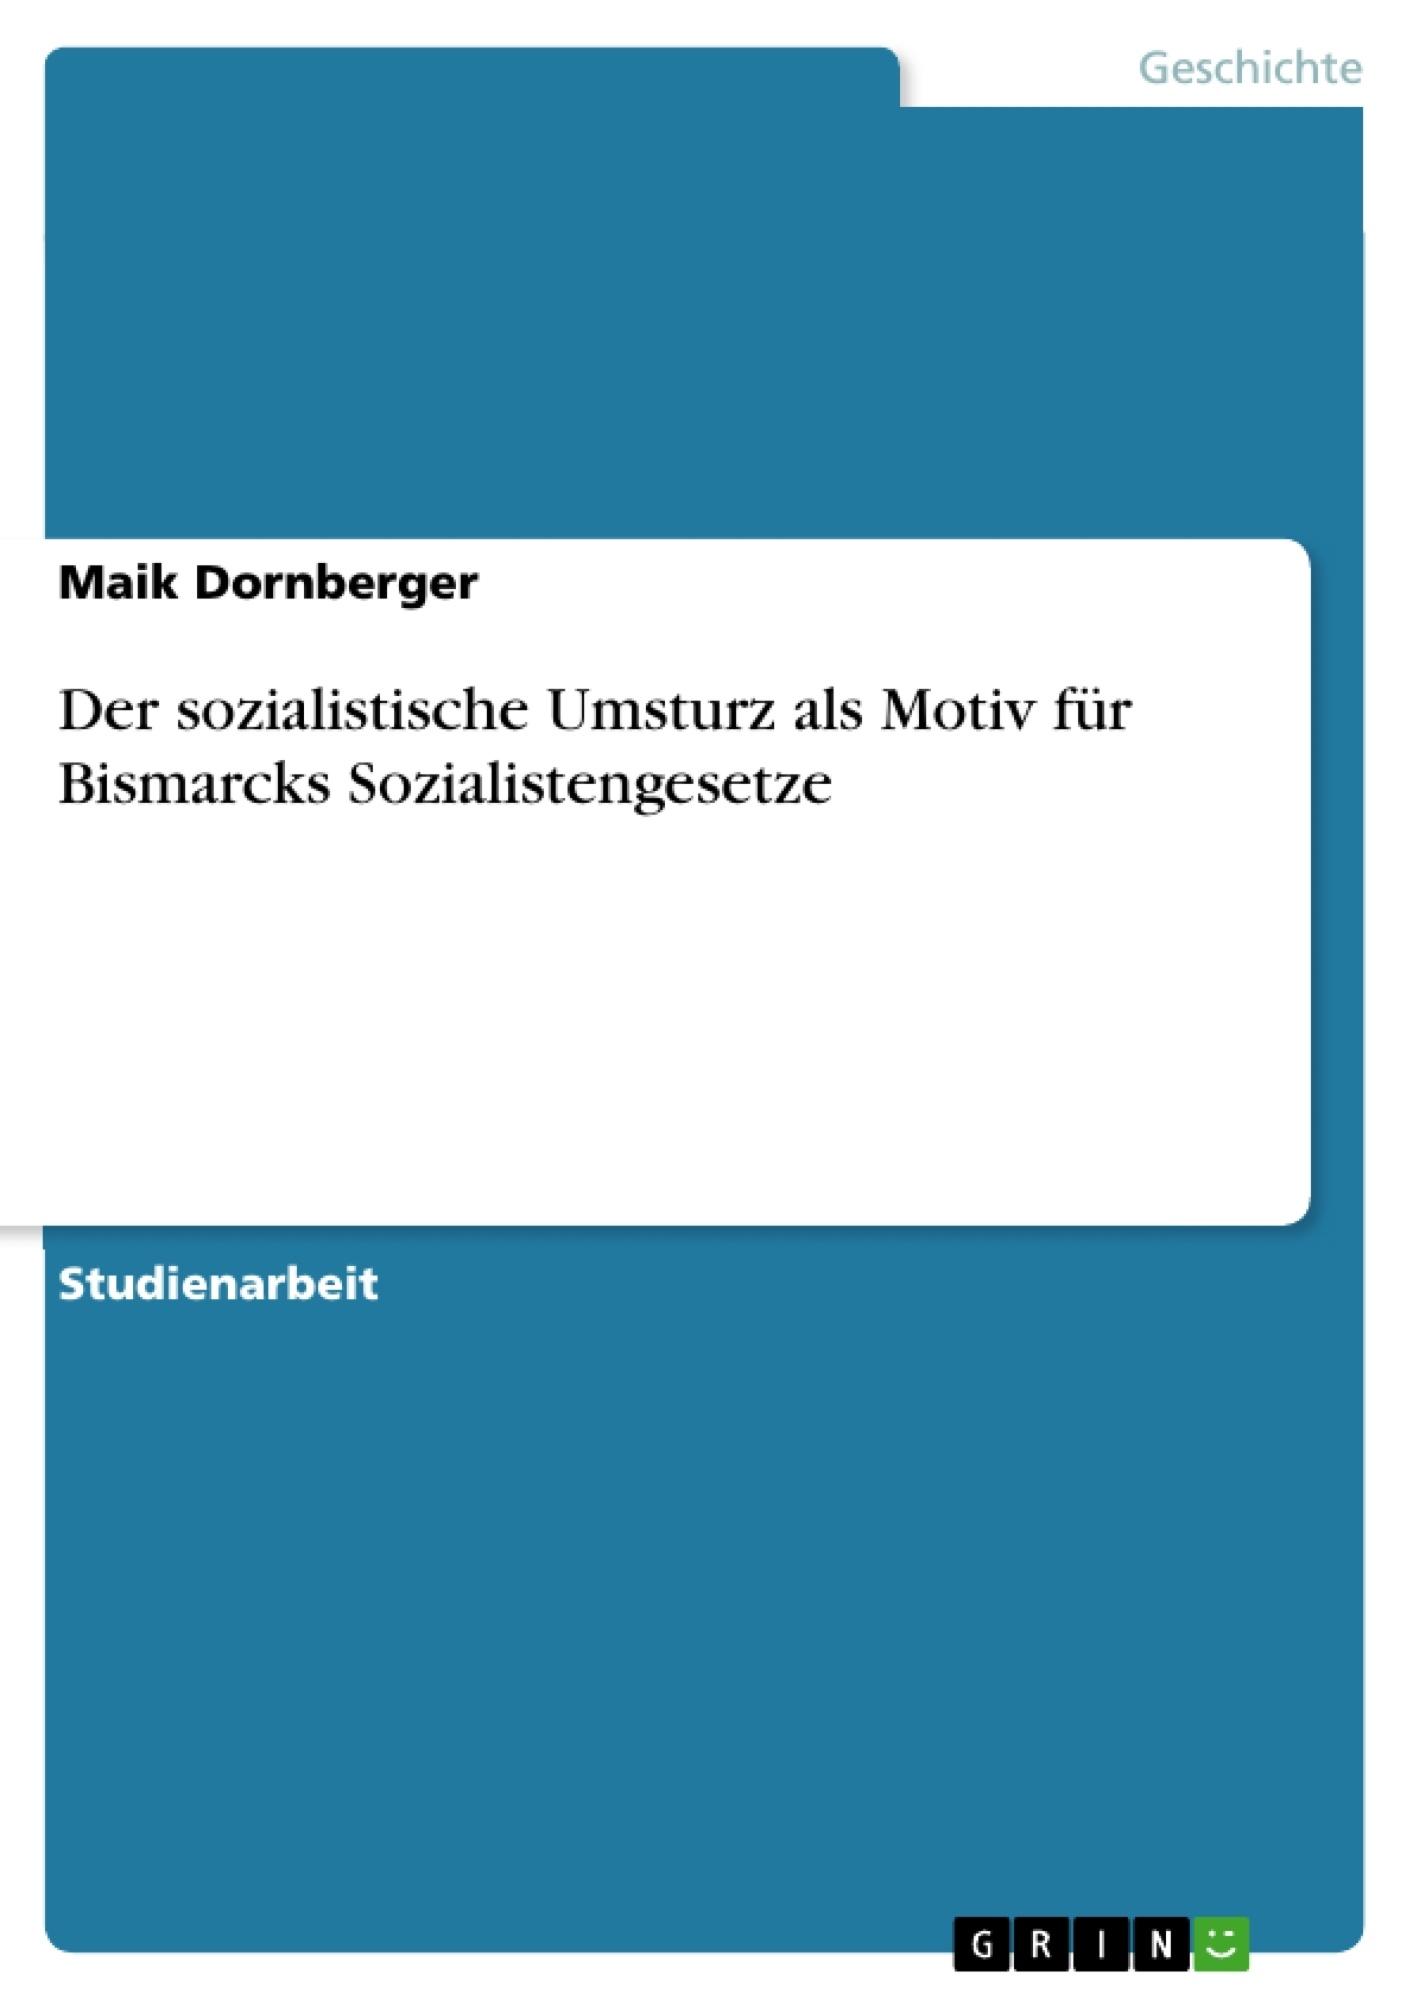 Titel: Der sozialistische Umsturz als Motiv für Bismarcks Sozialistengesetze